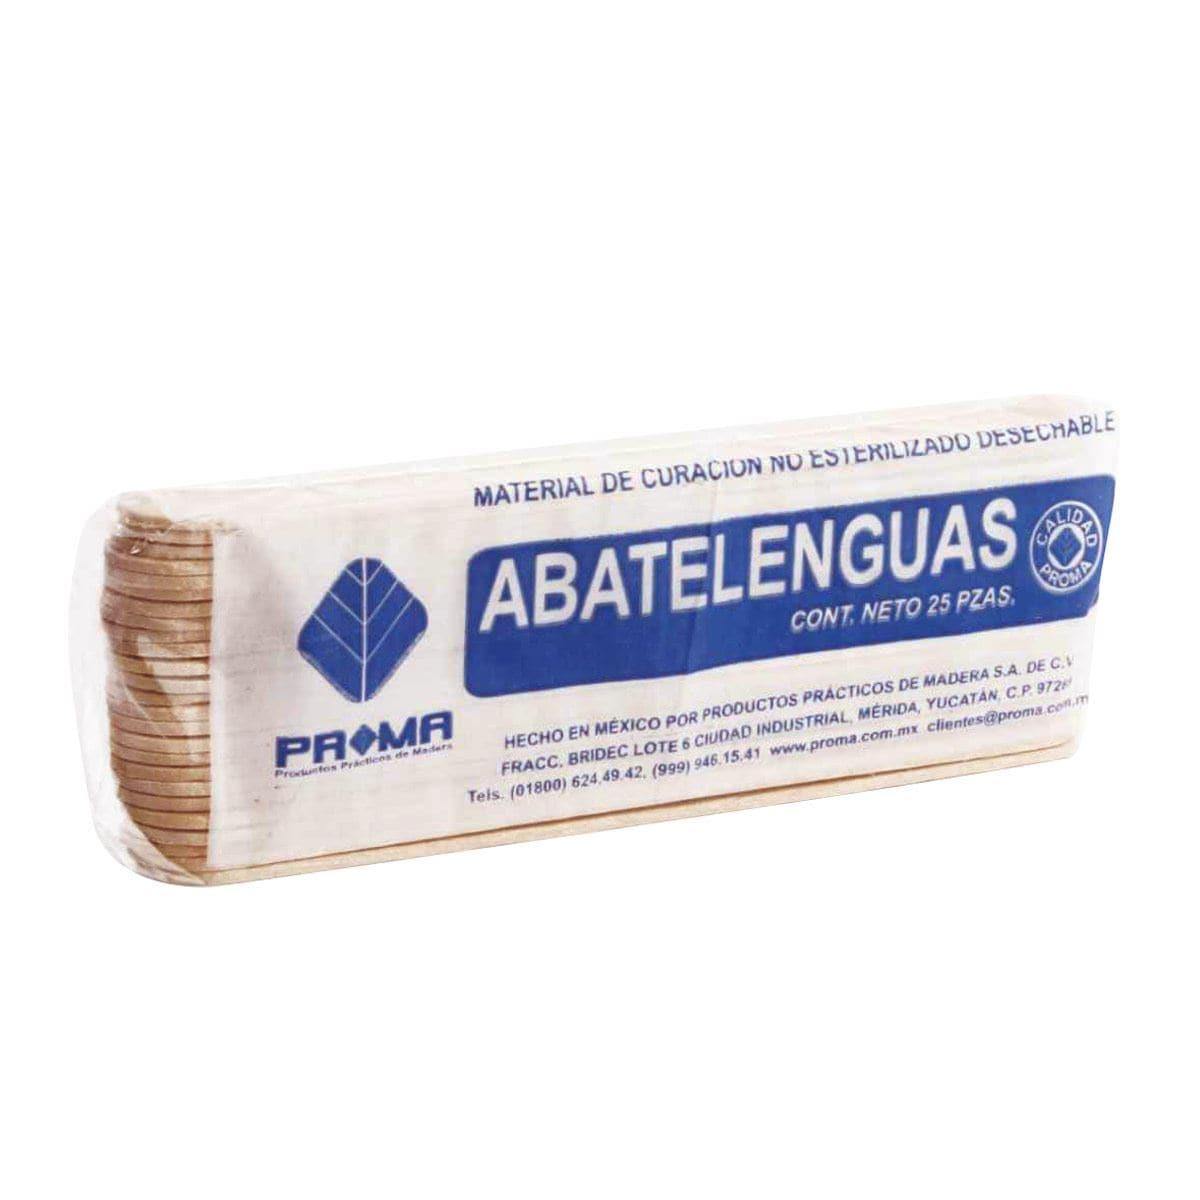 Abatelenguas 863270 c/25 pzas.